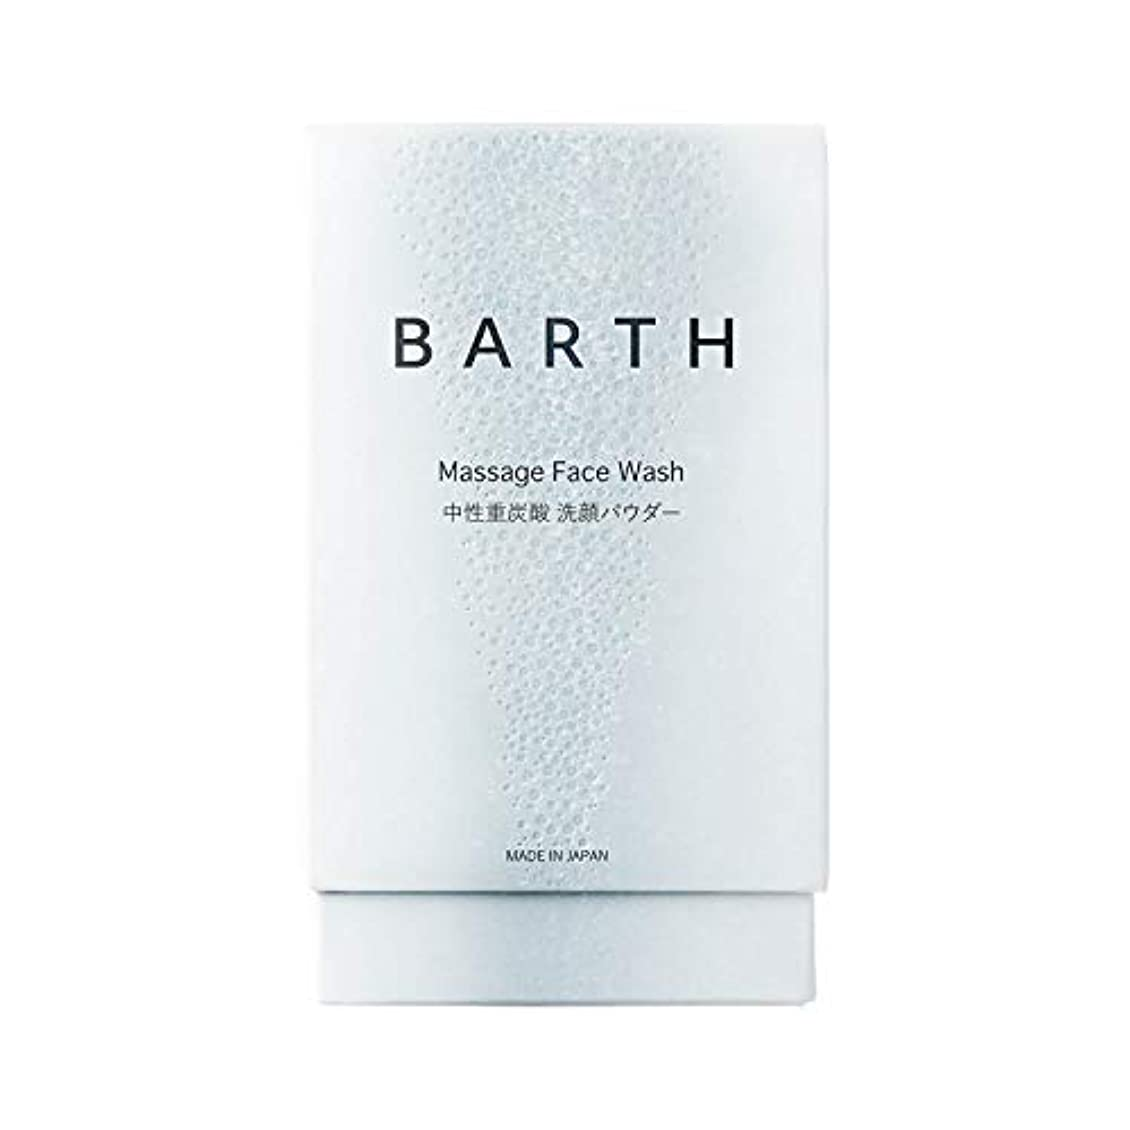 ボア空の将来のBARTH【バース】中性 重炭酸 洗顔パウダー 30包タイプ(無添加 炭酸パック 洗顔料 個包装タイプ)